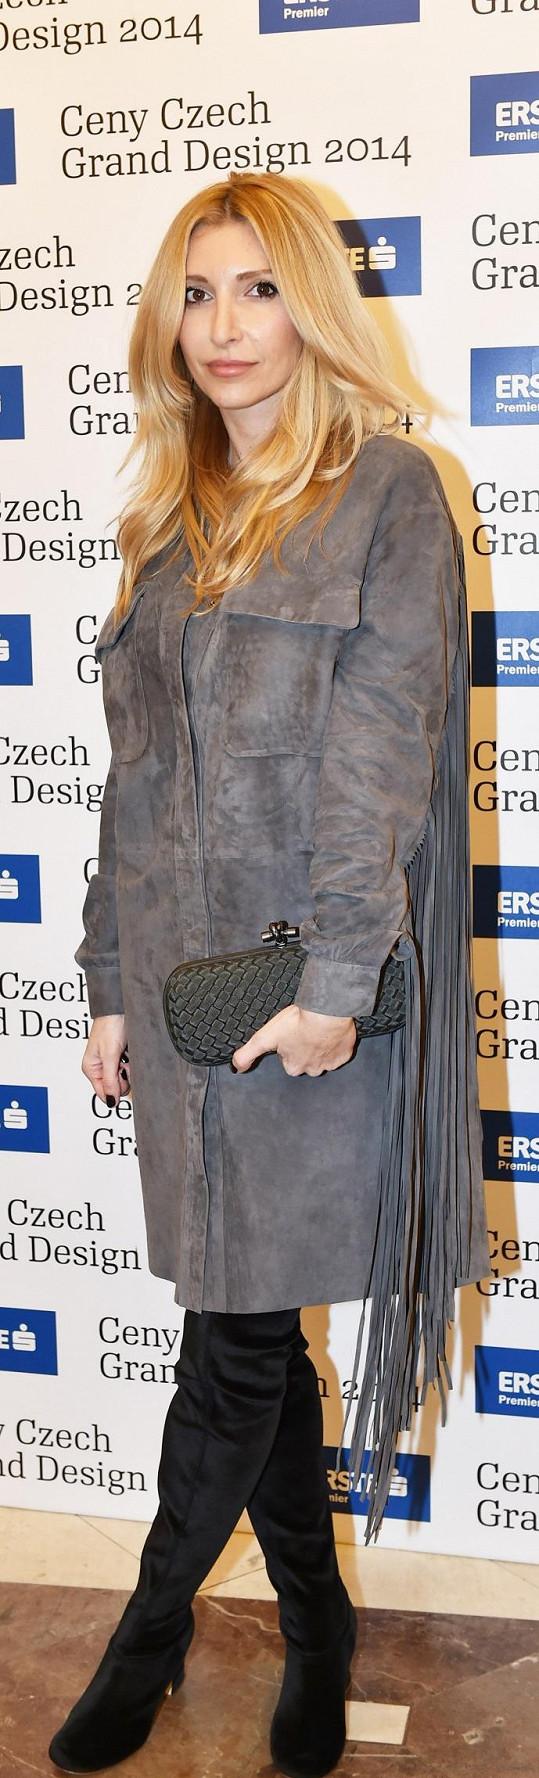 Návrhářka Ivana Mentlová, nominovaná na cenu návrháře roku, oblékla pro tuto příležitost šaty s třásněmi vlastní tvorby. Vzhledem k poranění nohy nemohla zvolit střevíce, ale nazula overknee kozačky Alberta Feretti. Vše doplňovalo bagetové maxi psaníčko Knot od Bottega Veneta.